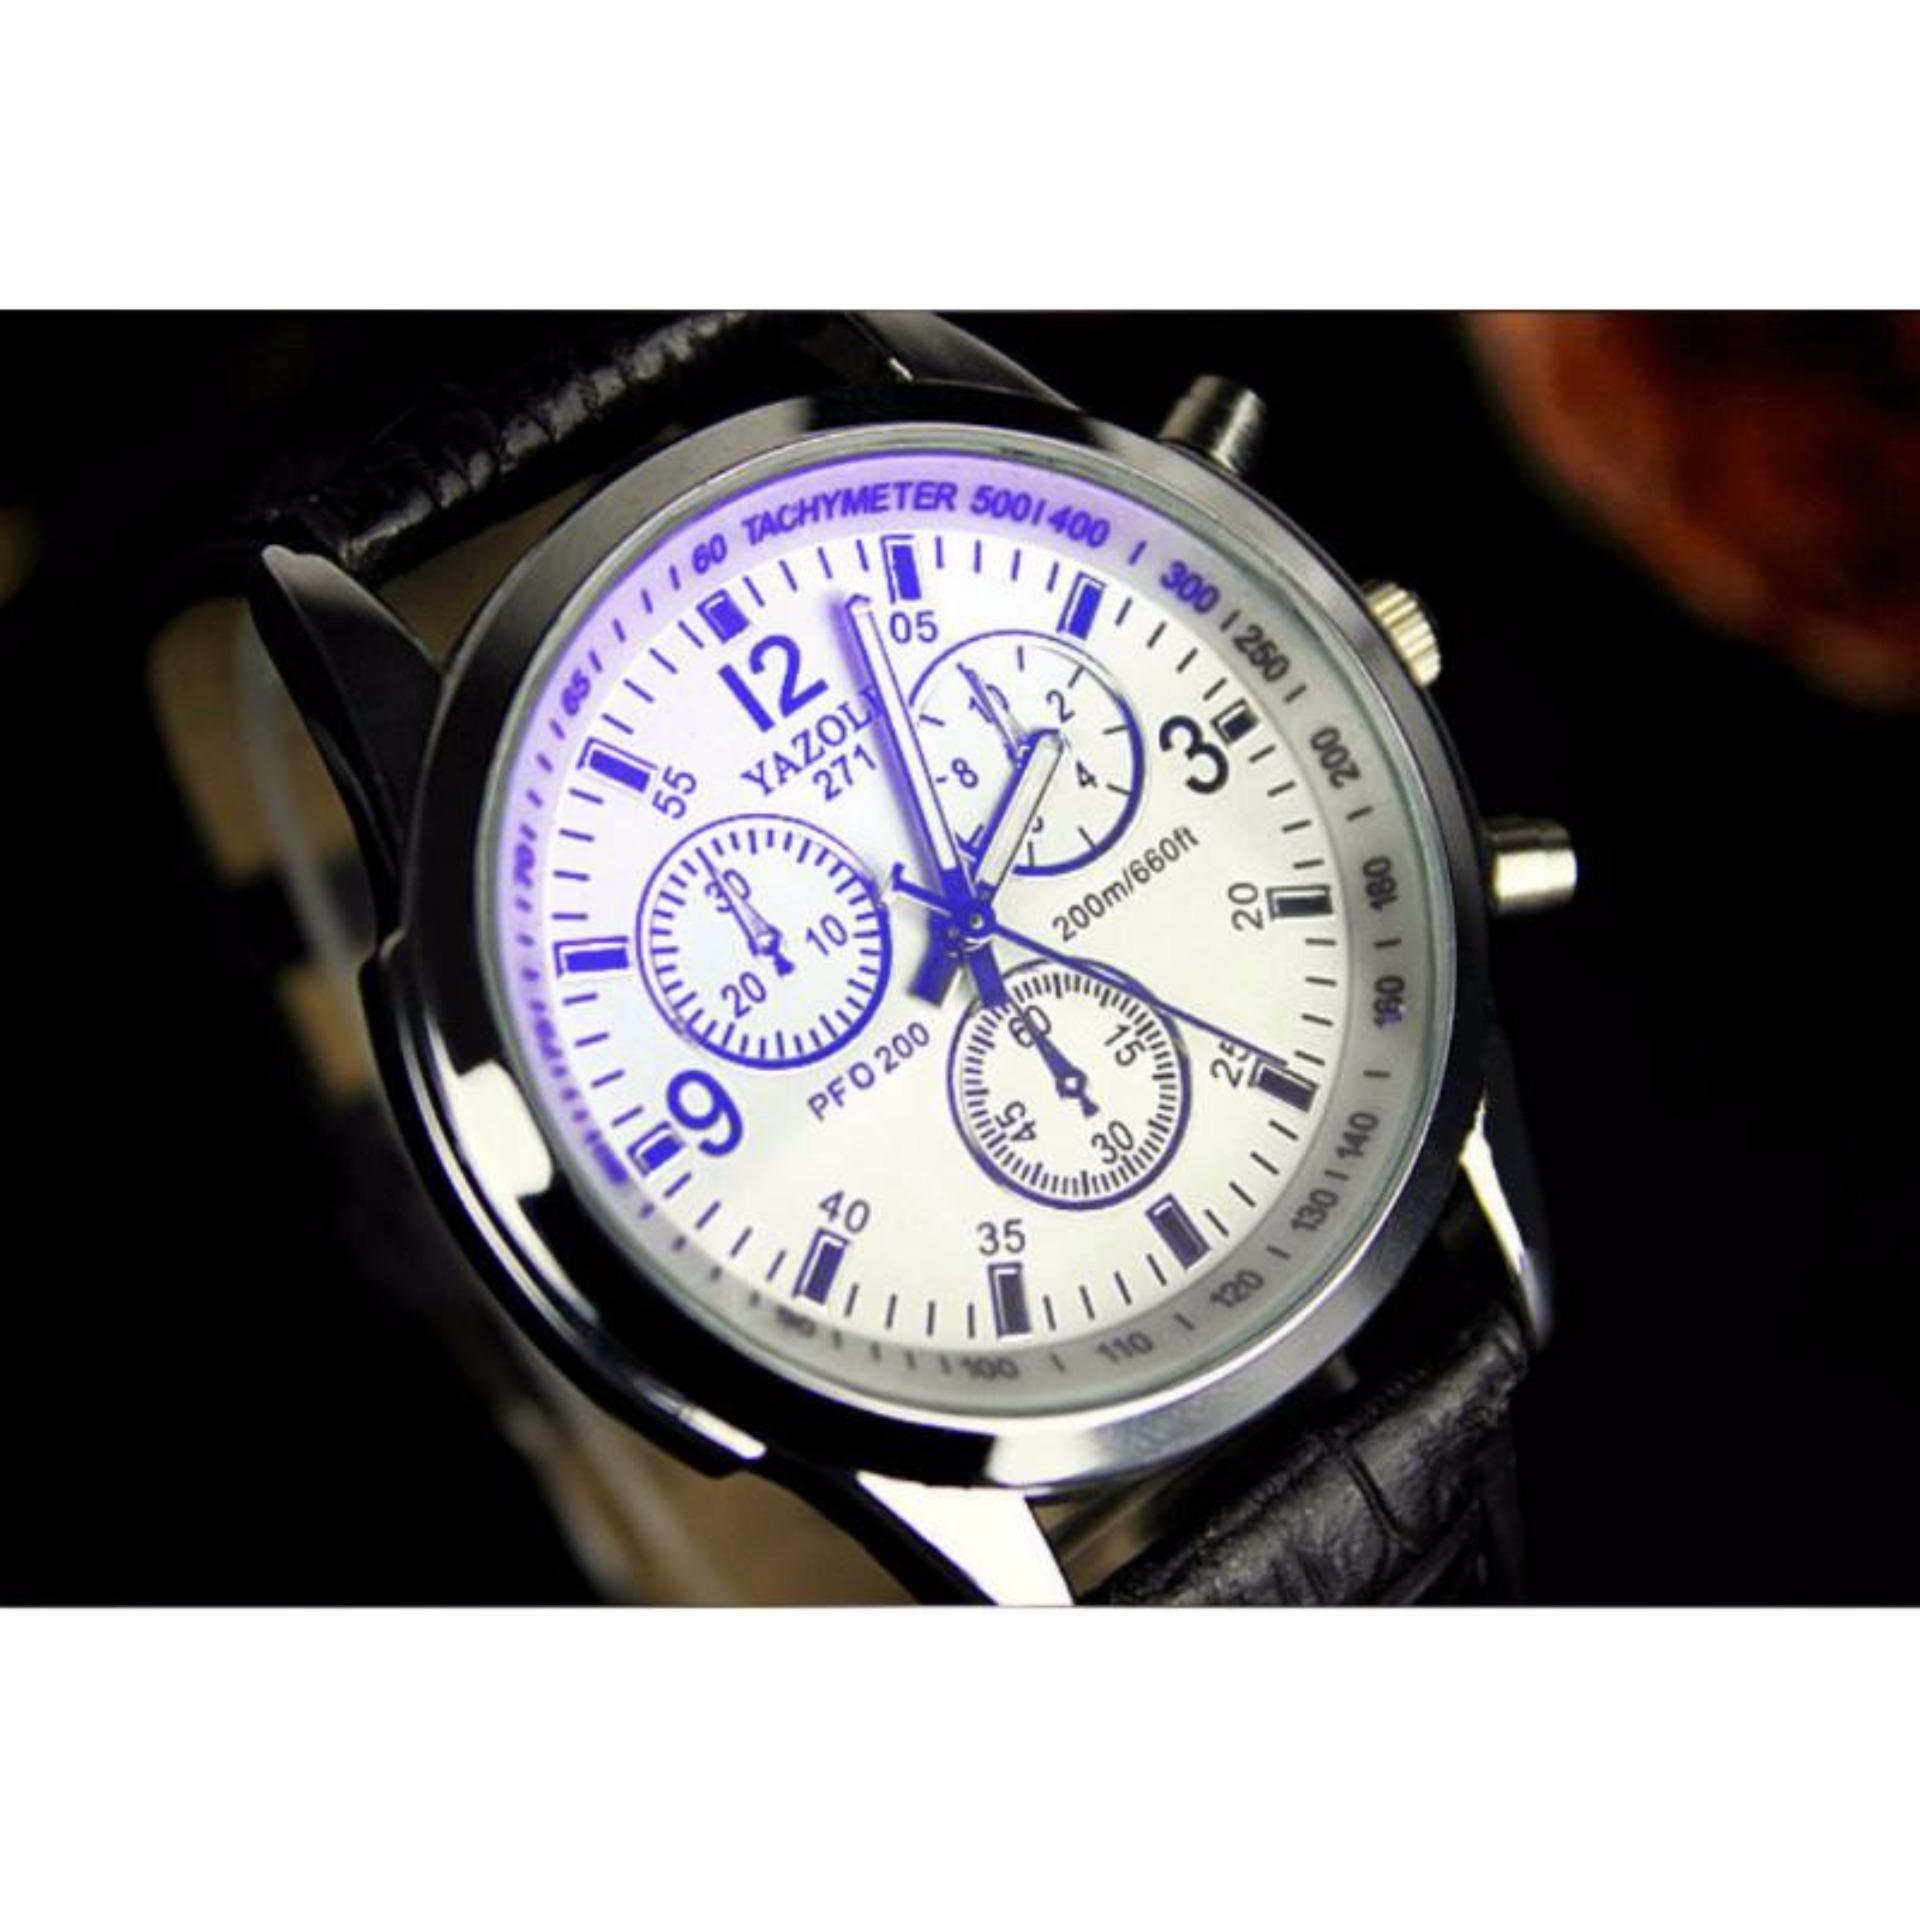 Đồng hồ nam dây da Yazole 271 thời trang (đen trắng)